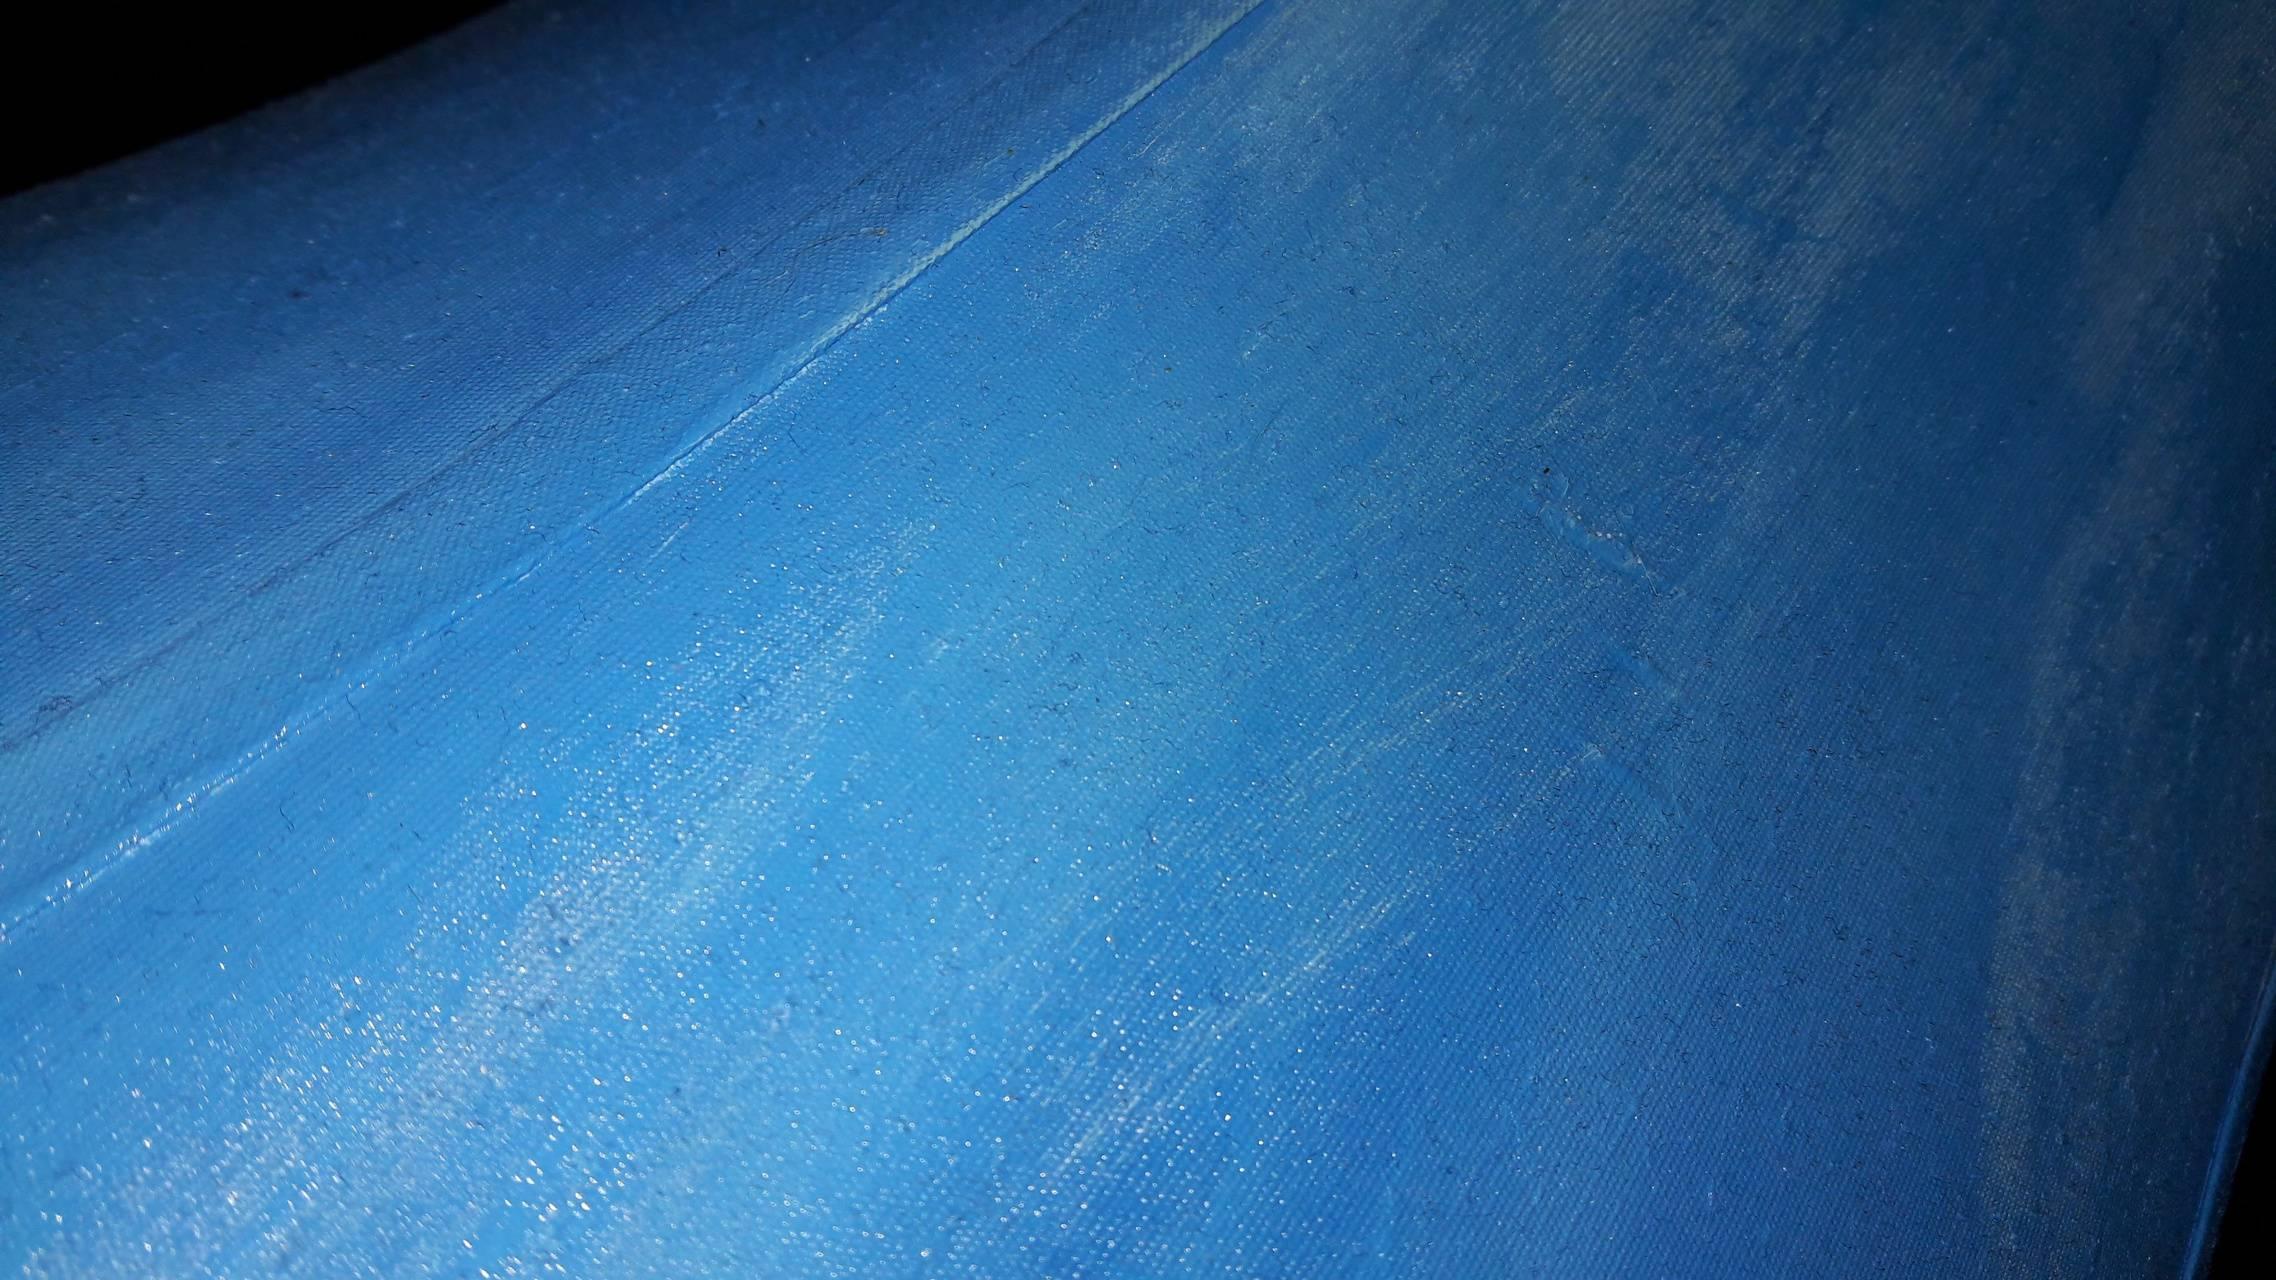 Slanty Blue